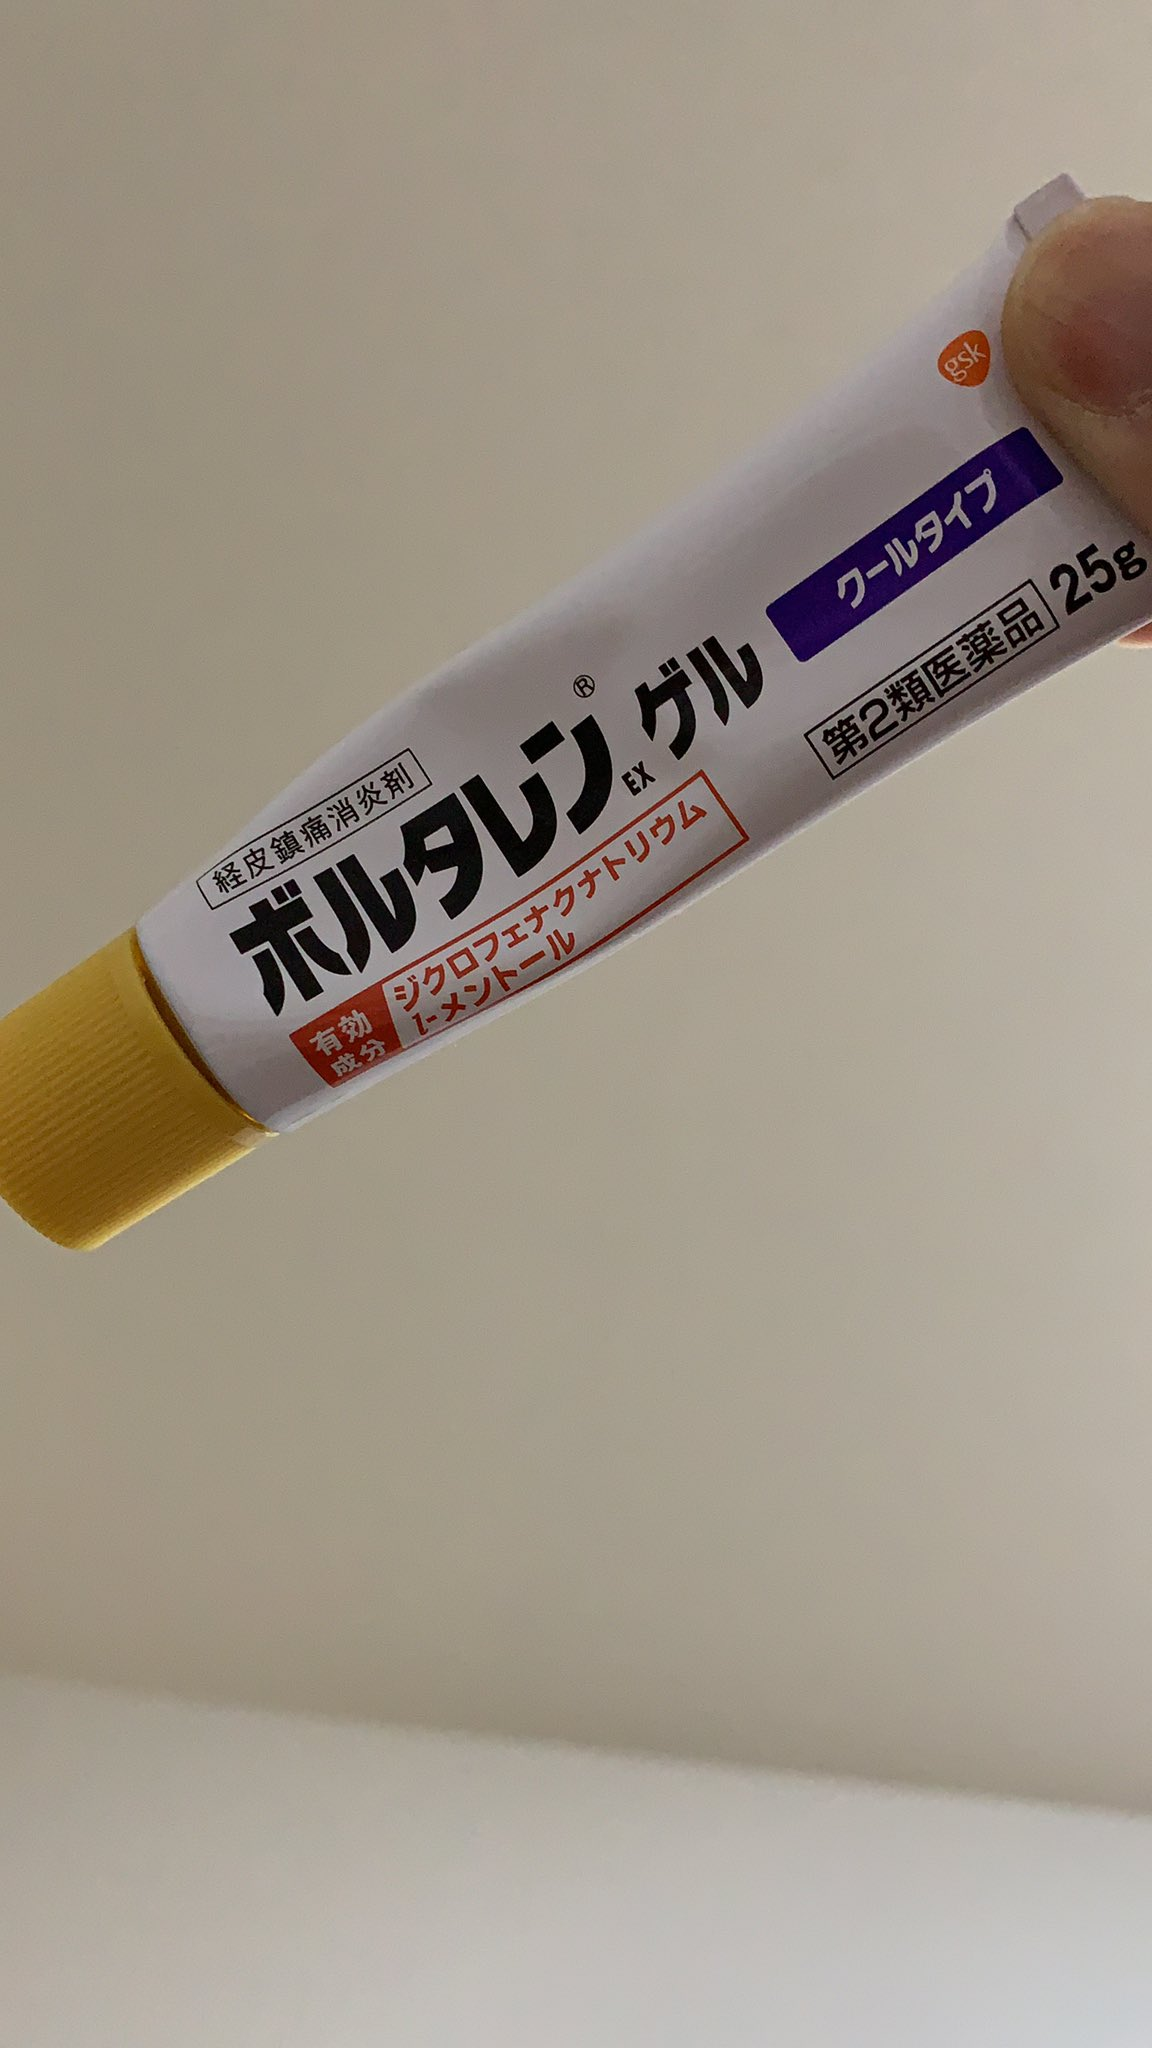 ボルタレン 塗り薬